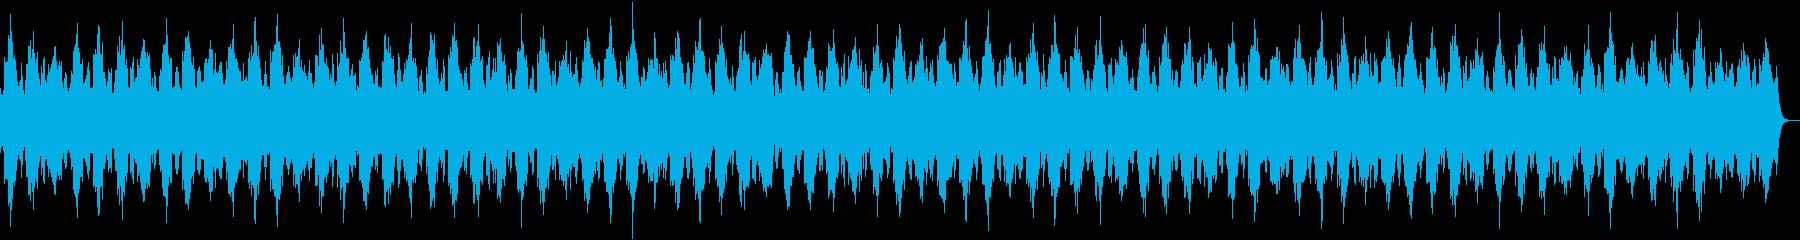 不穏なイメージ 進軍 侵攻 オーケストラの再生済みの波形